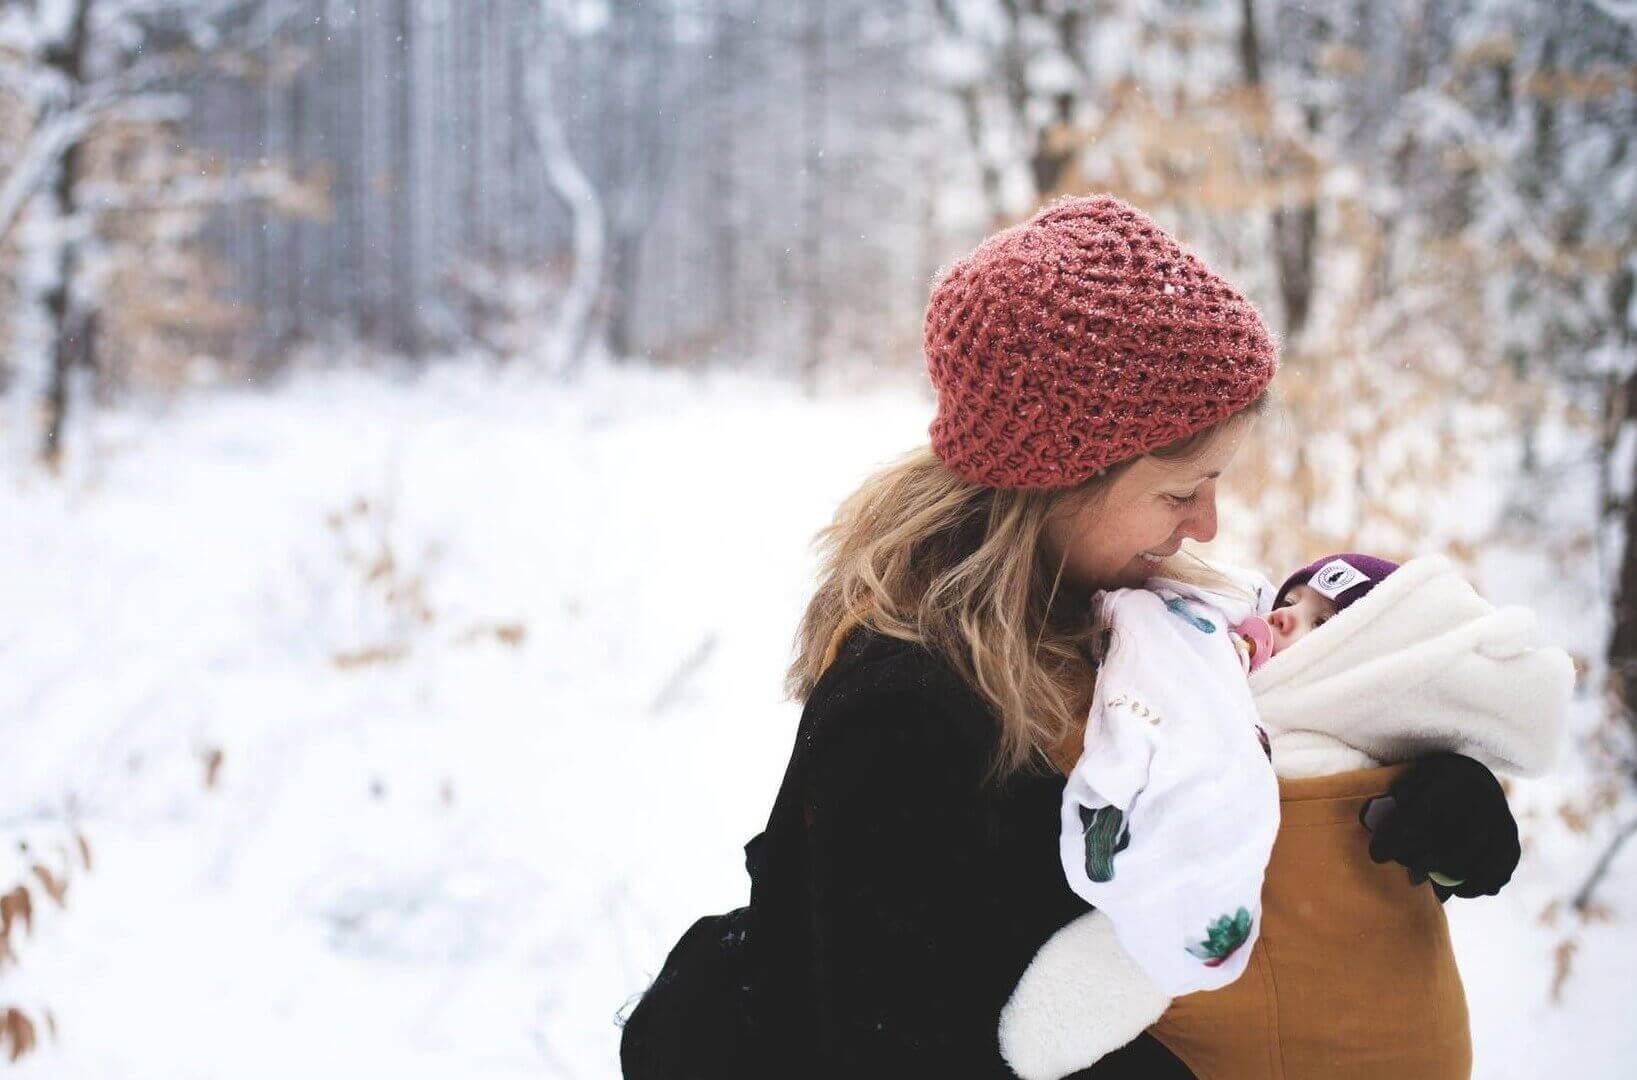 Akú zimnú výbavu na dovolenku s dieťatkom